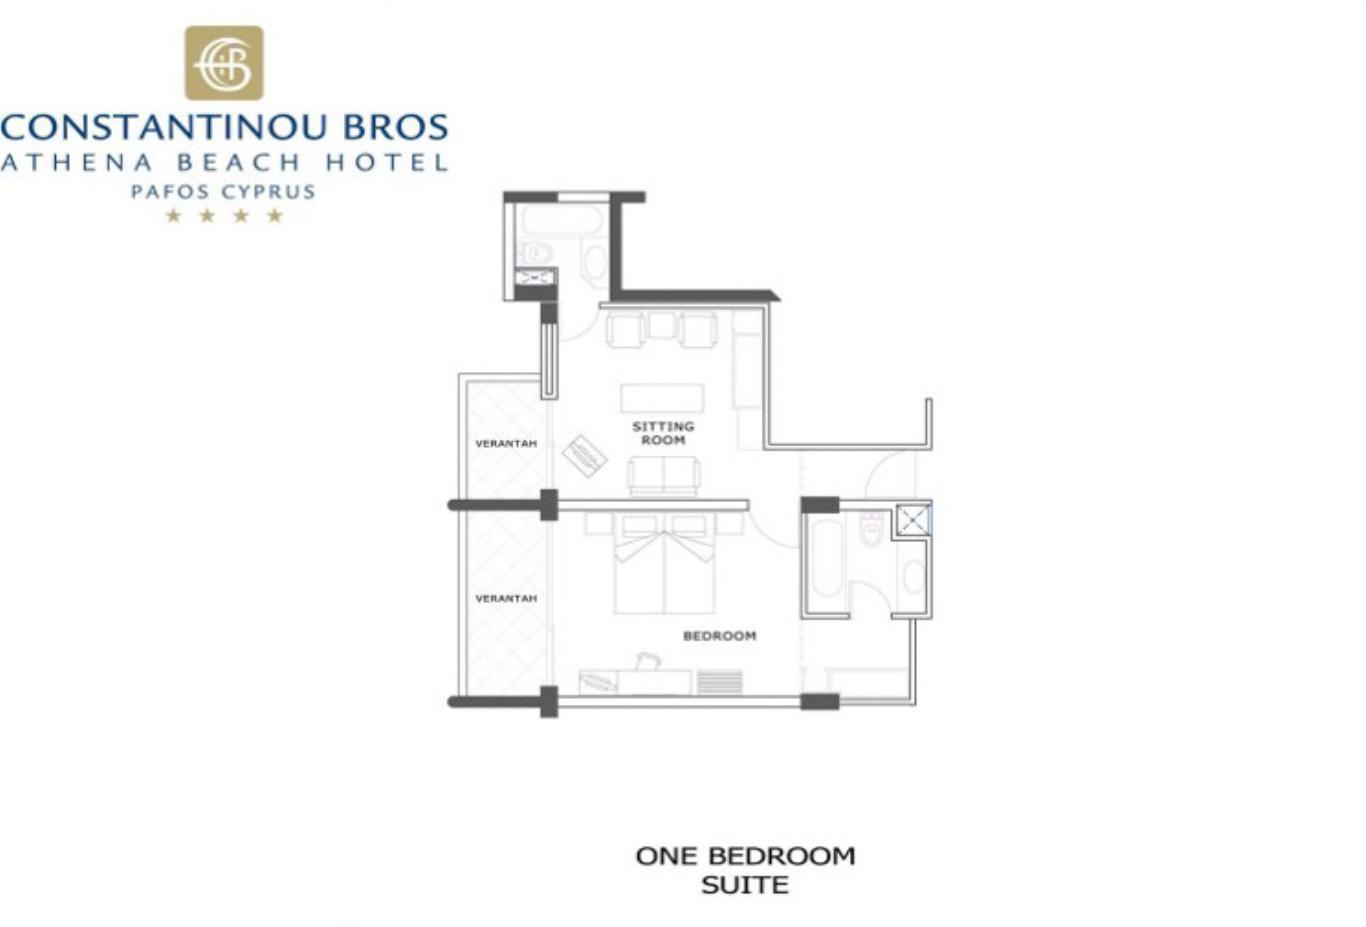 One bedroom suite plan view